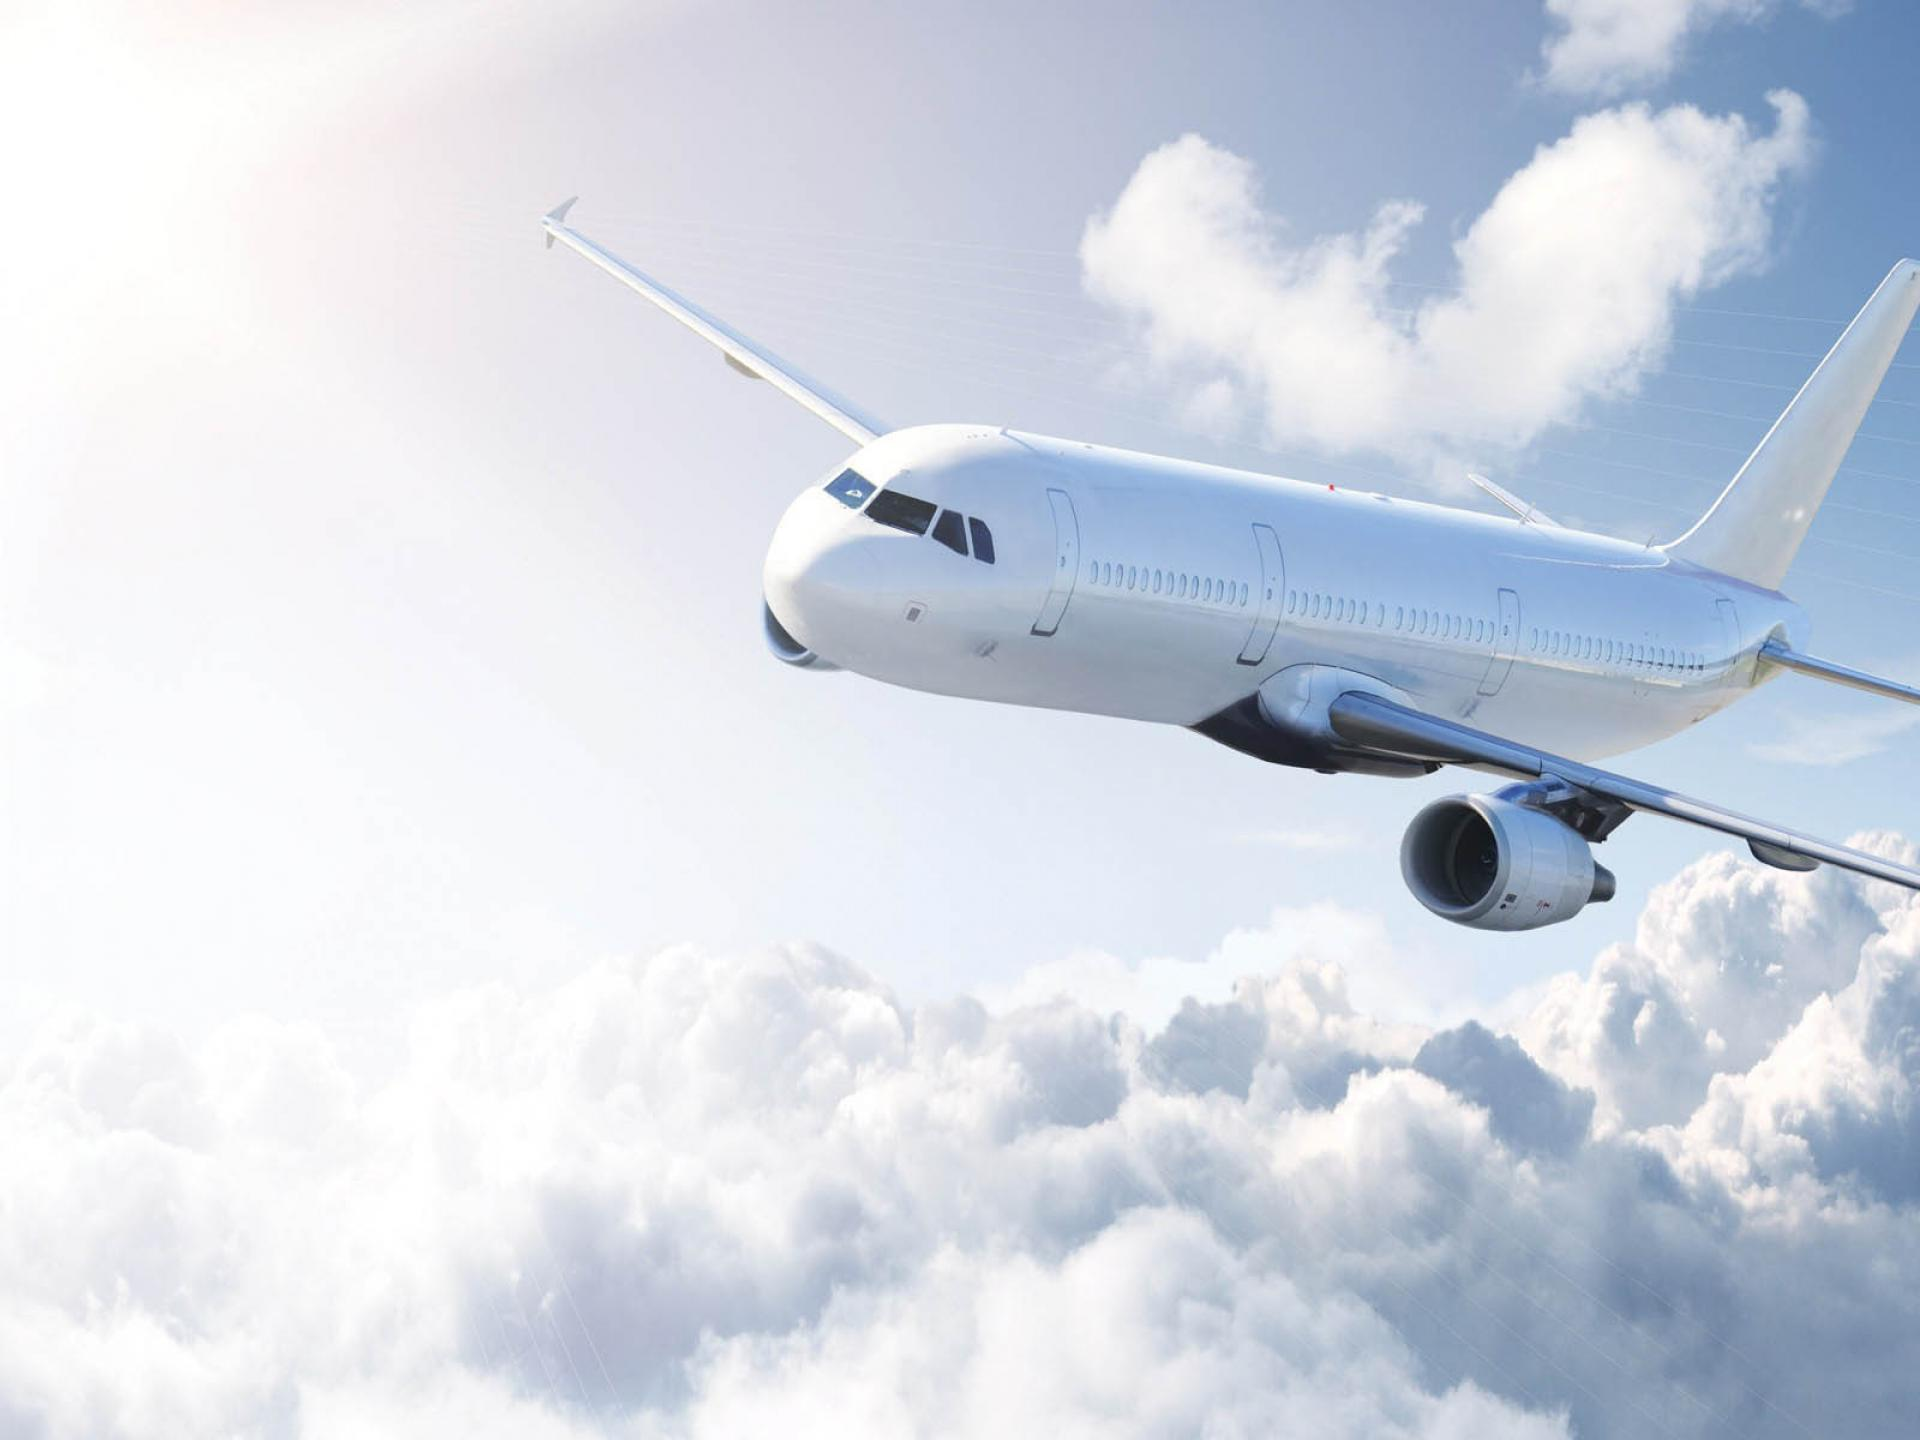 Где можно купить билет на самолет в Астане быстро?